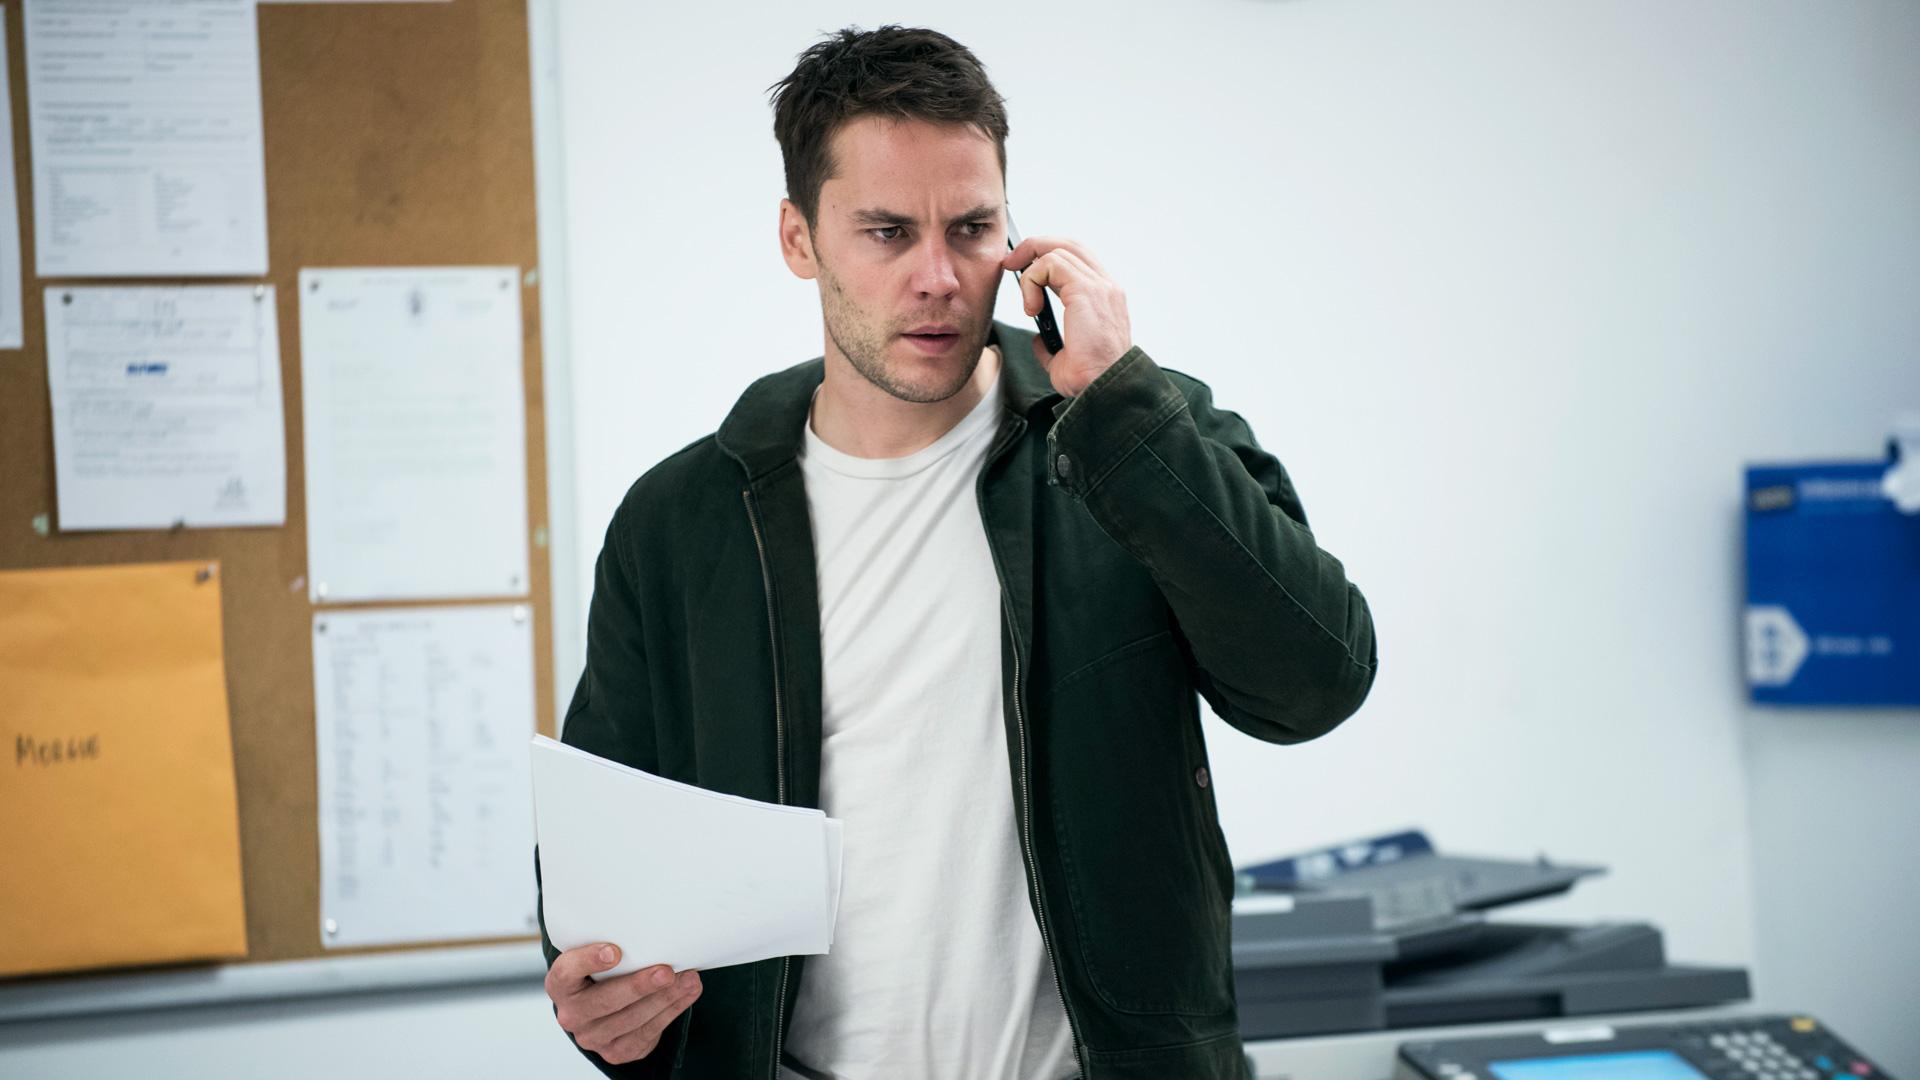 True Detective: Taylor Kitsch parla al telefono in una scena dell'episodio Black Maps and Motel Rooms